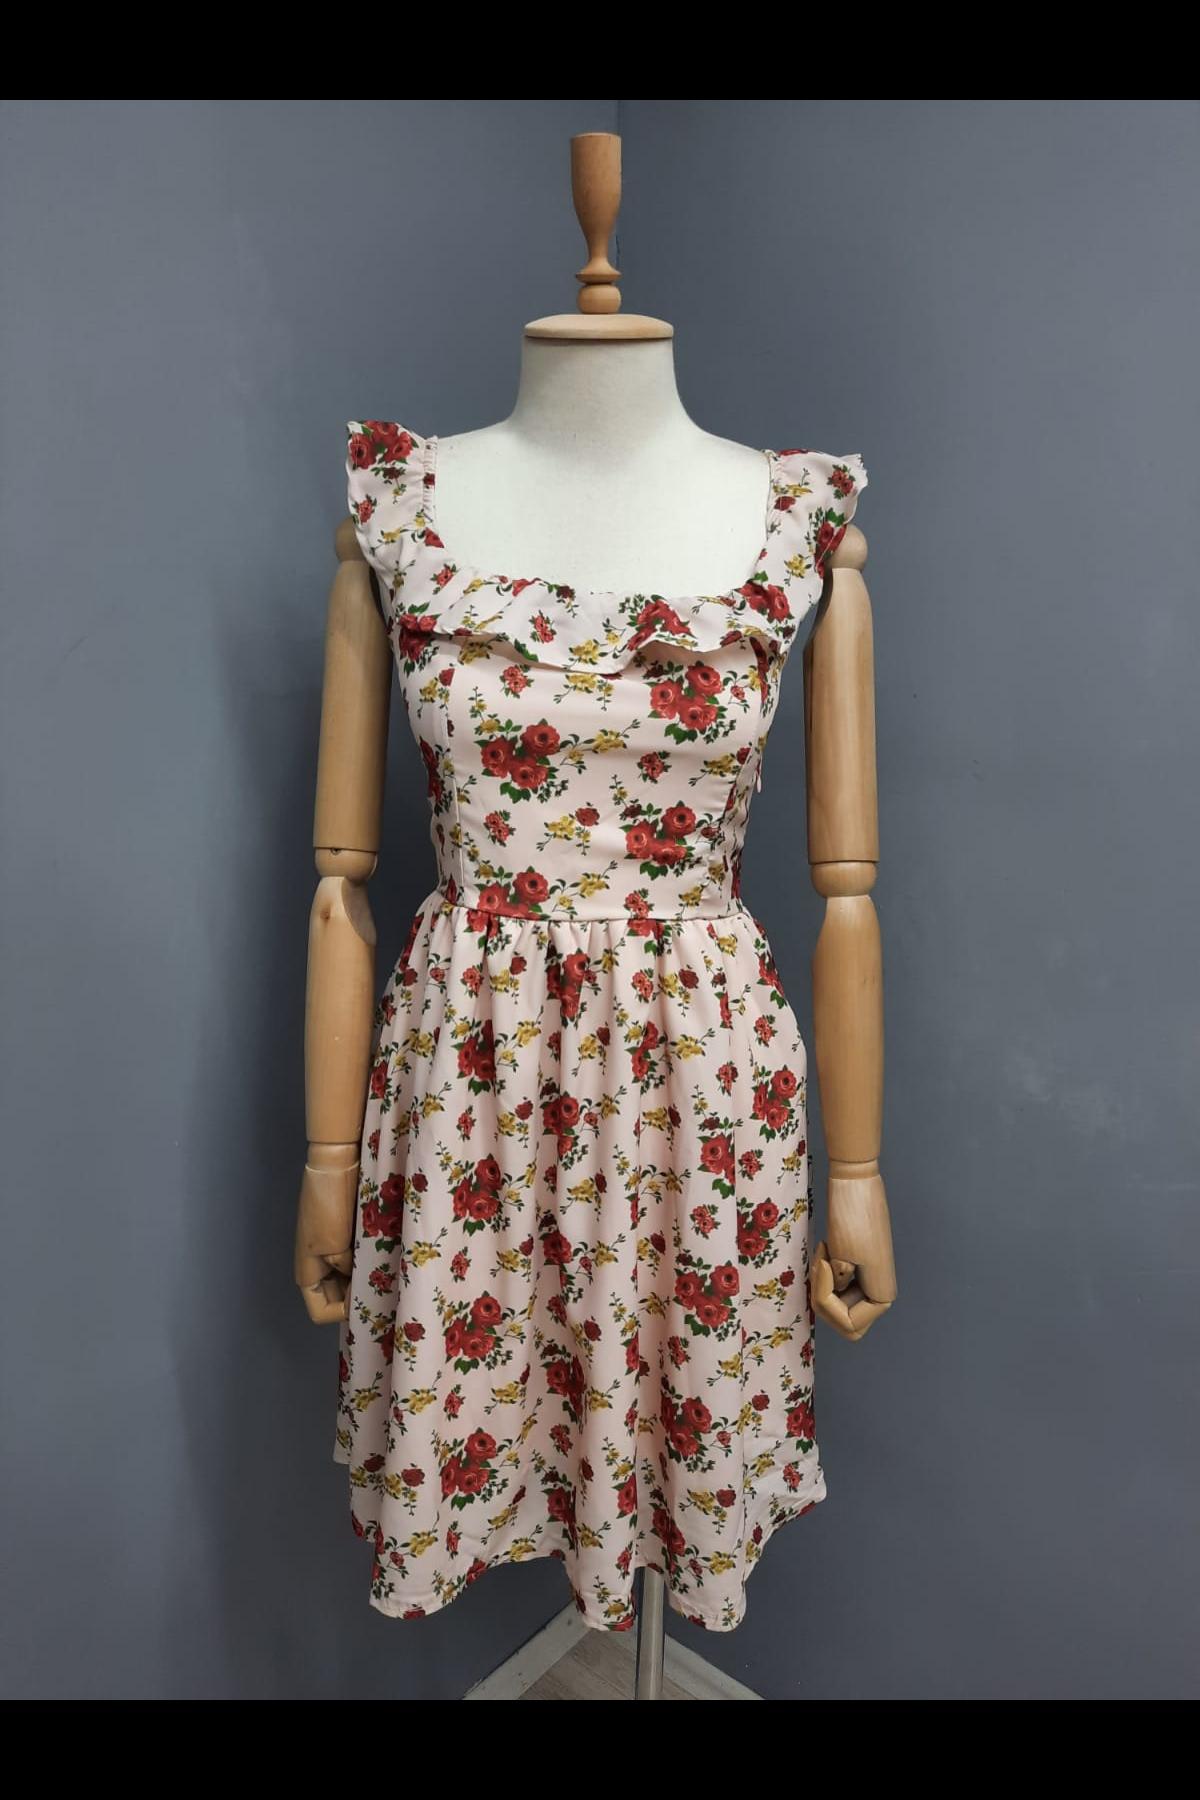 Dijital Baskılı Volan Detaylı Astarlı Elbise - EKRU